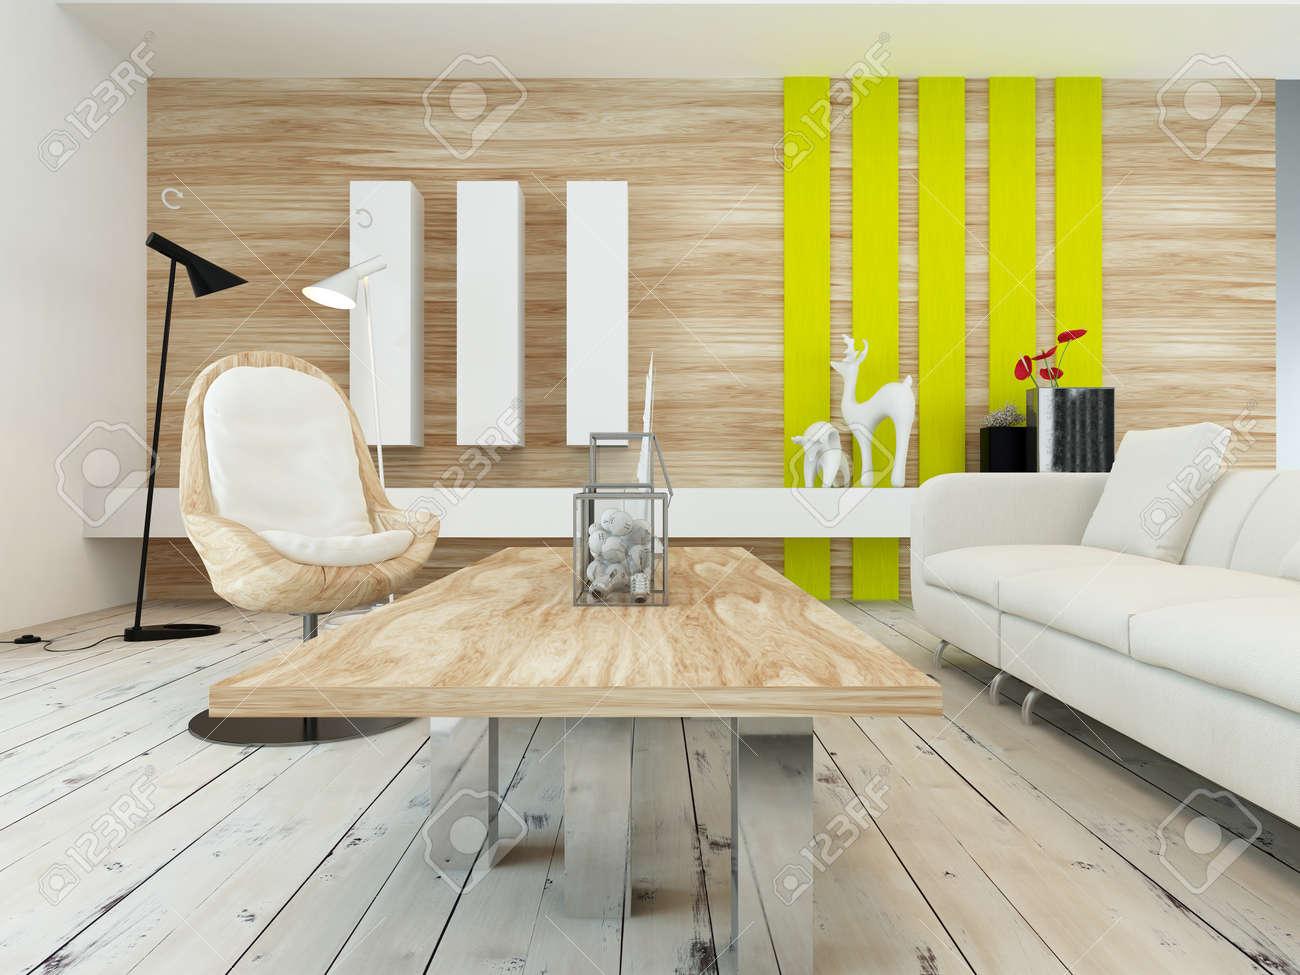 Rustieke inrichting in een moderne woonkamer met een houten muur ...